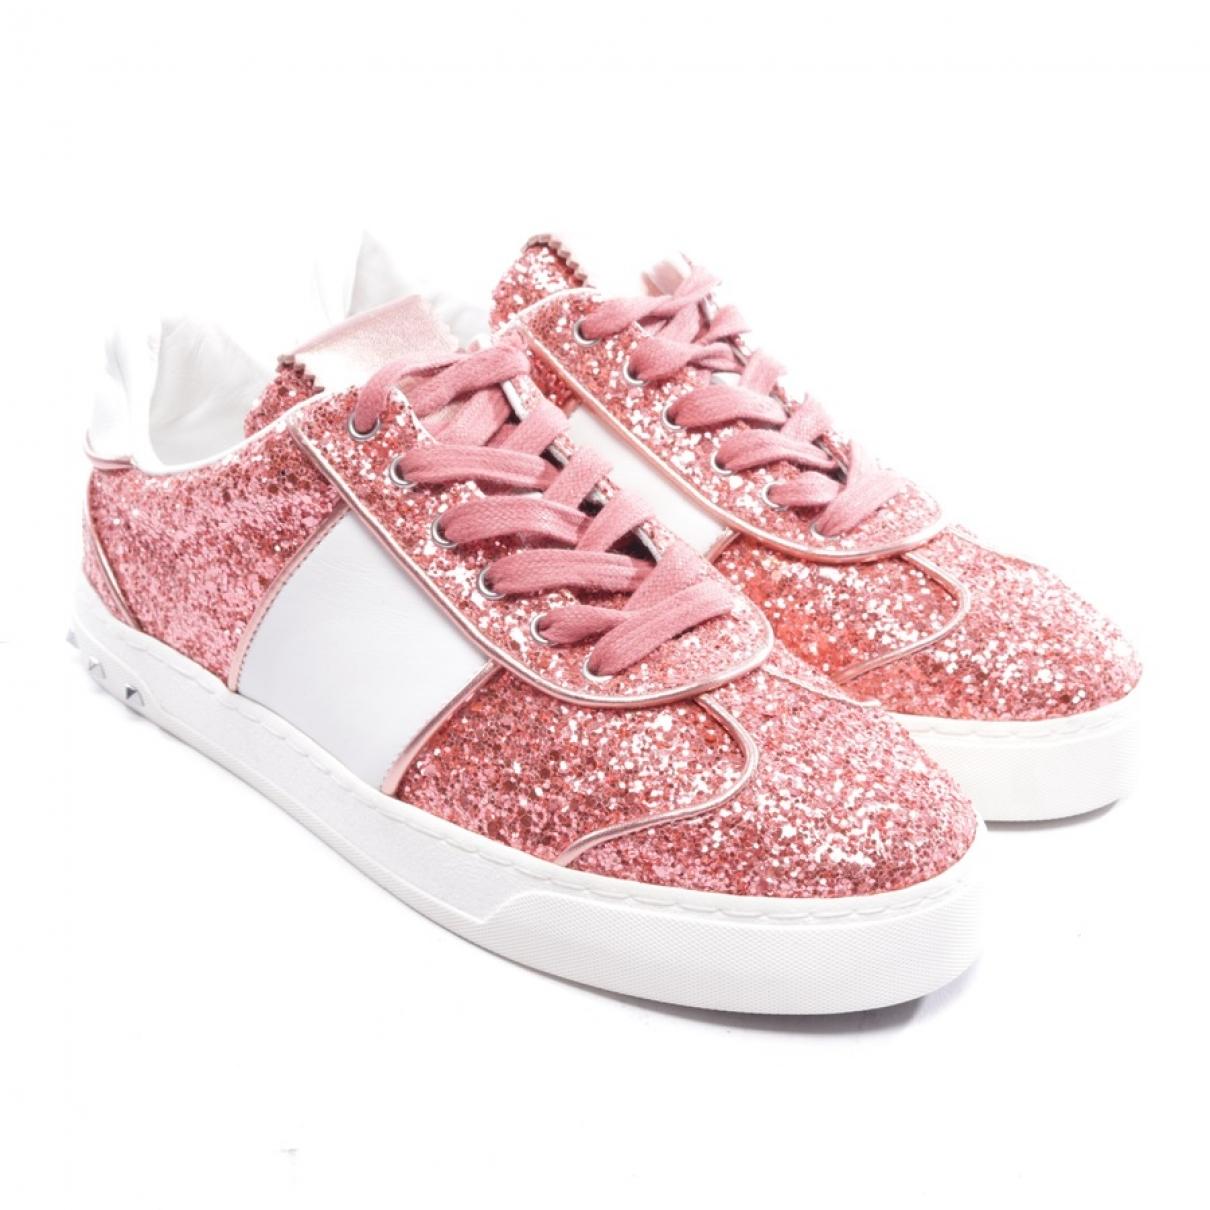 Valentino Garavani - Baskets   pour femme en a paillettes - rose